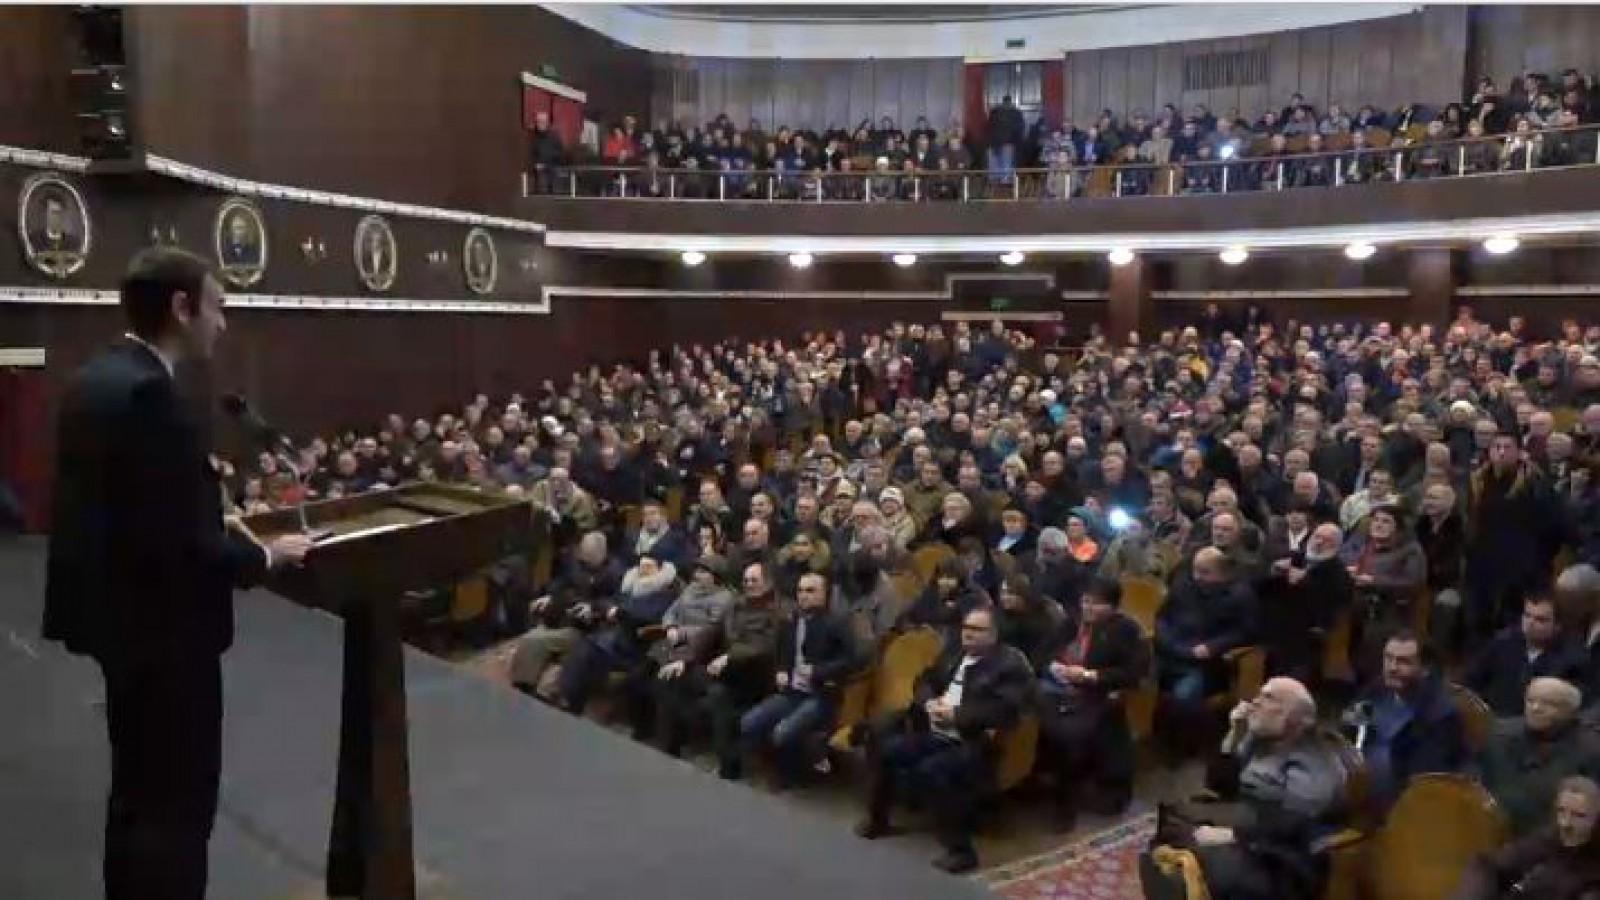 (video/update) Câteva sute de cetățeni, prezenți la organizarea grupului de inițiativă privind organizarea referendumului Anti-mixt